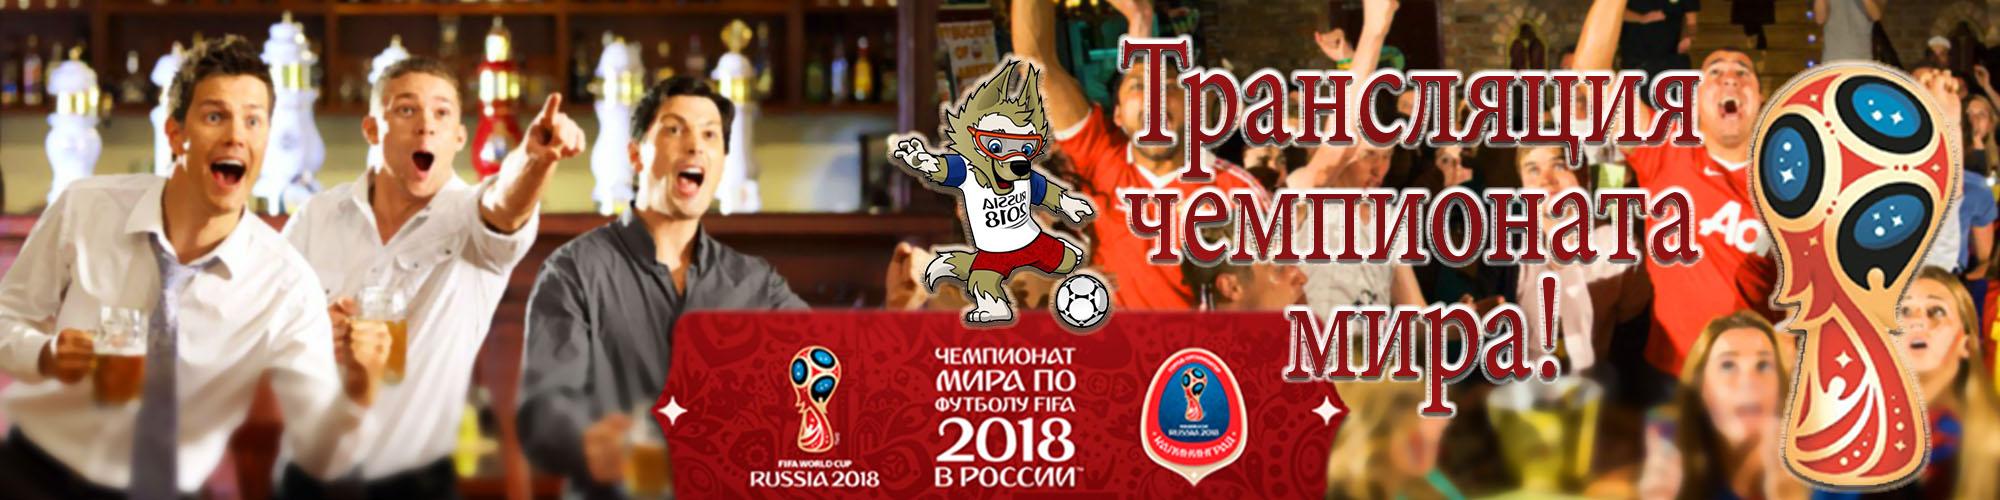 Вы готовы к чемпионату мира?